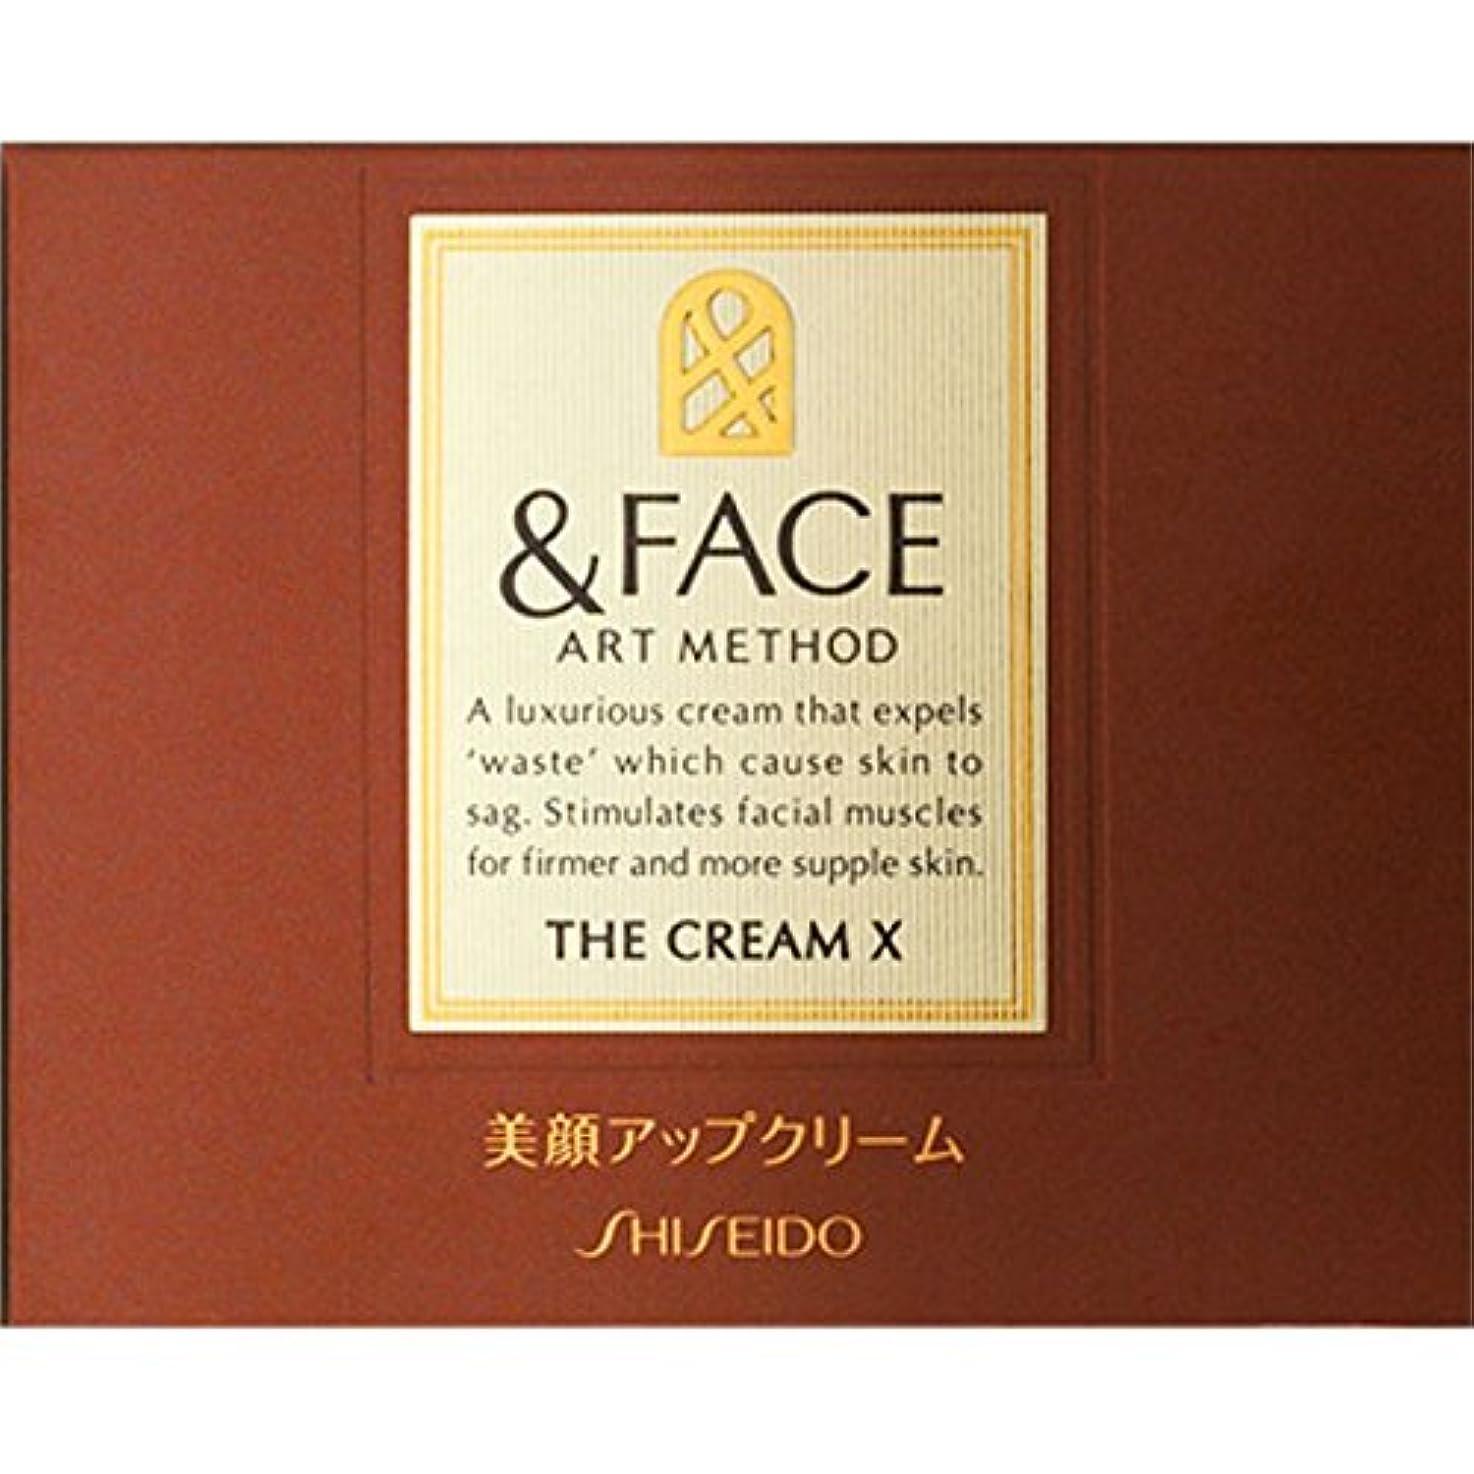 くまバター敵対的資生堂インターナショナル &FACEアートメソッドザクリームX - (医薬部外品)